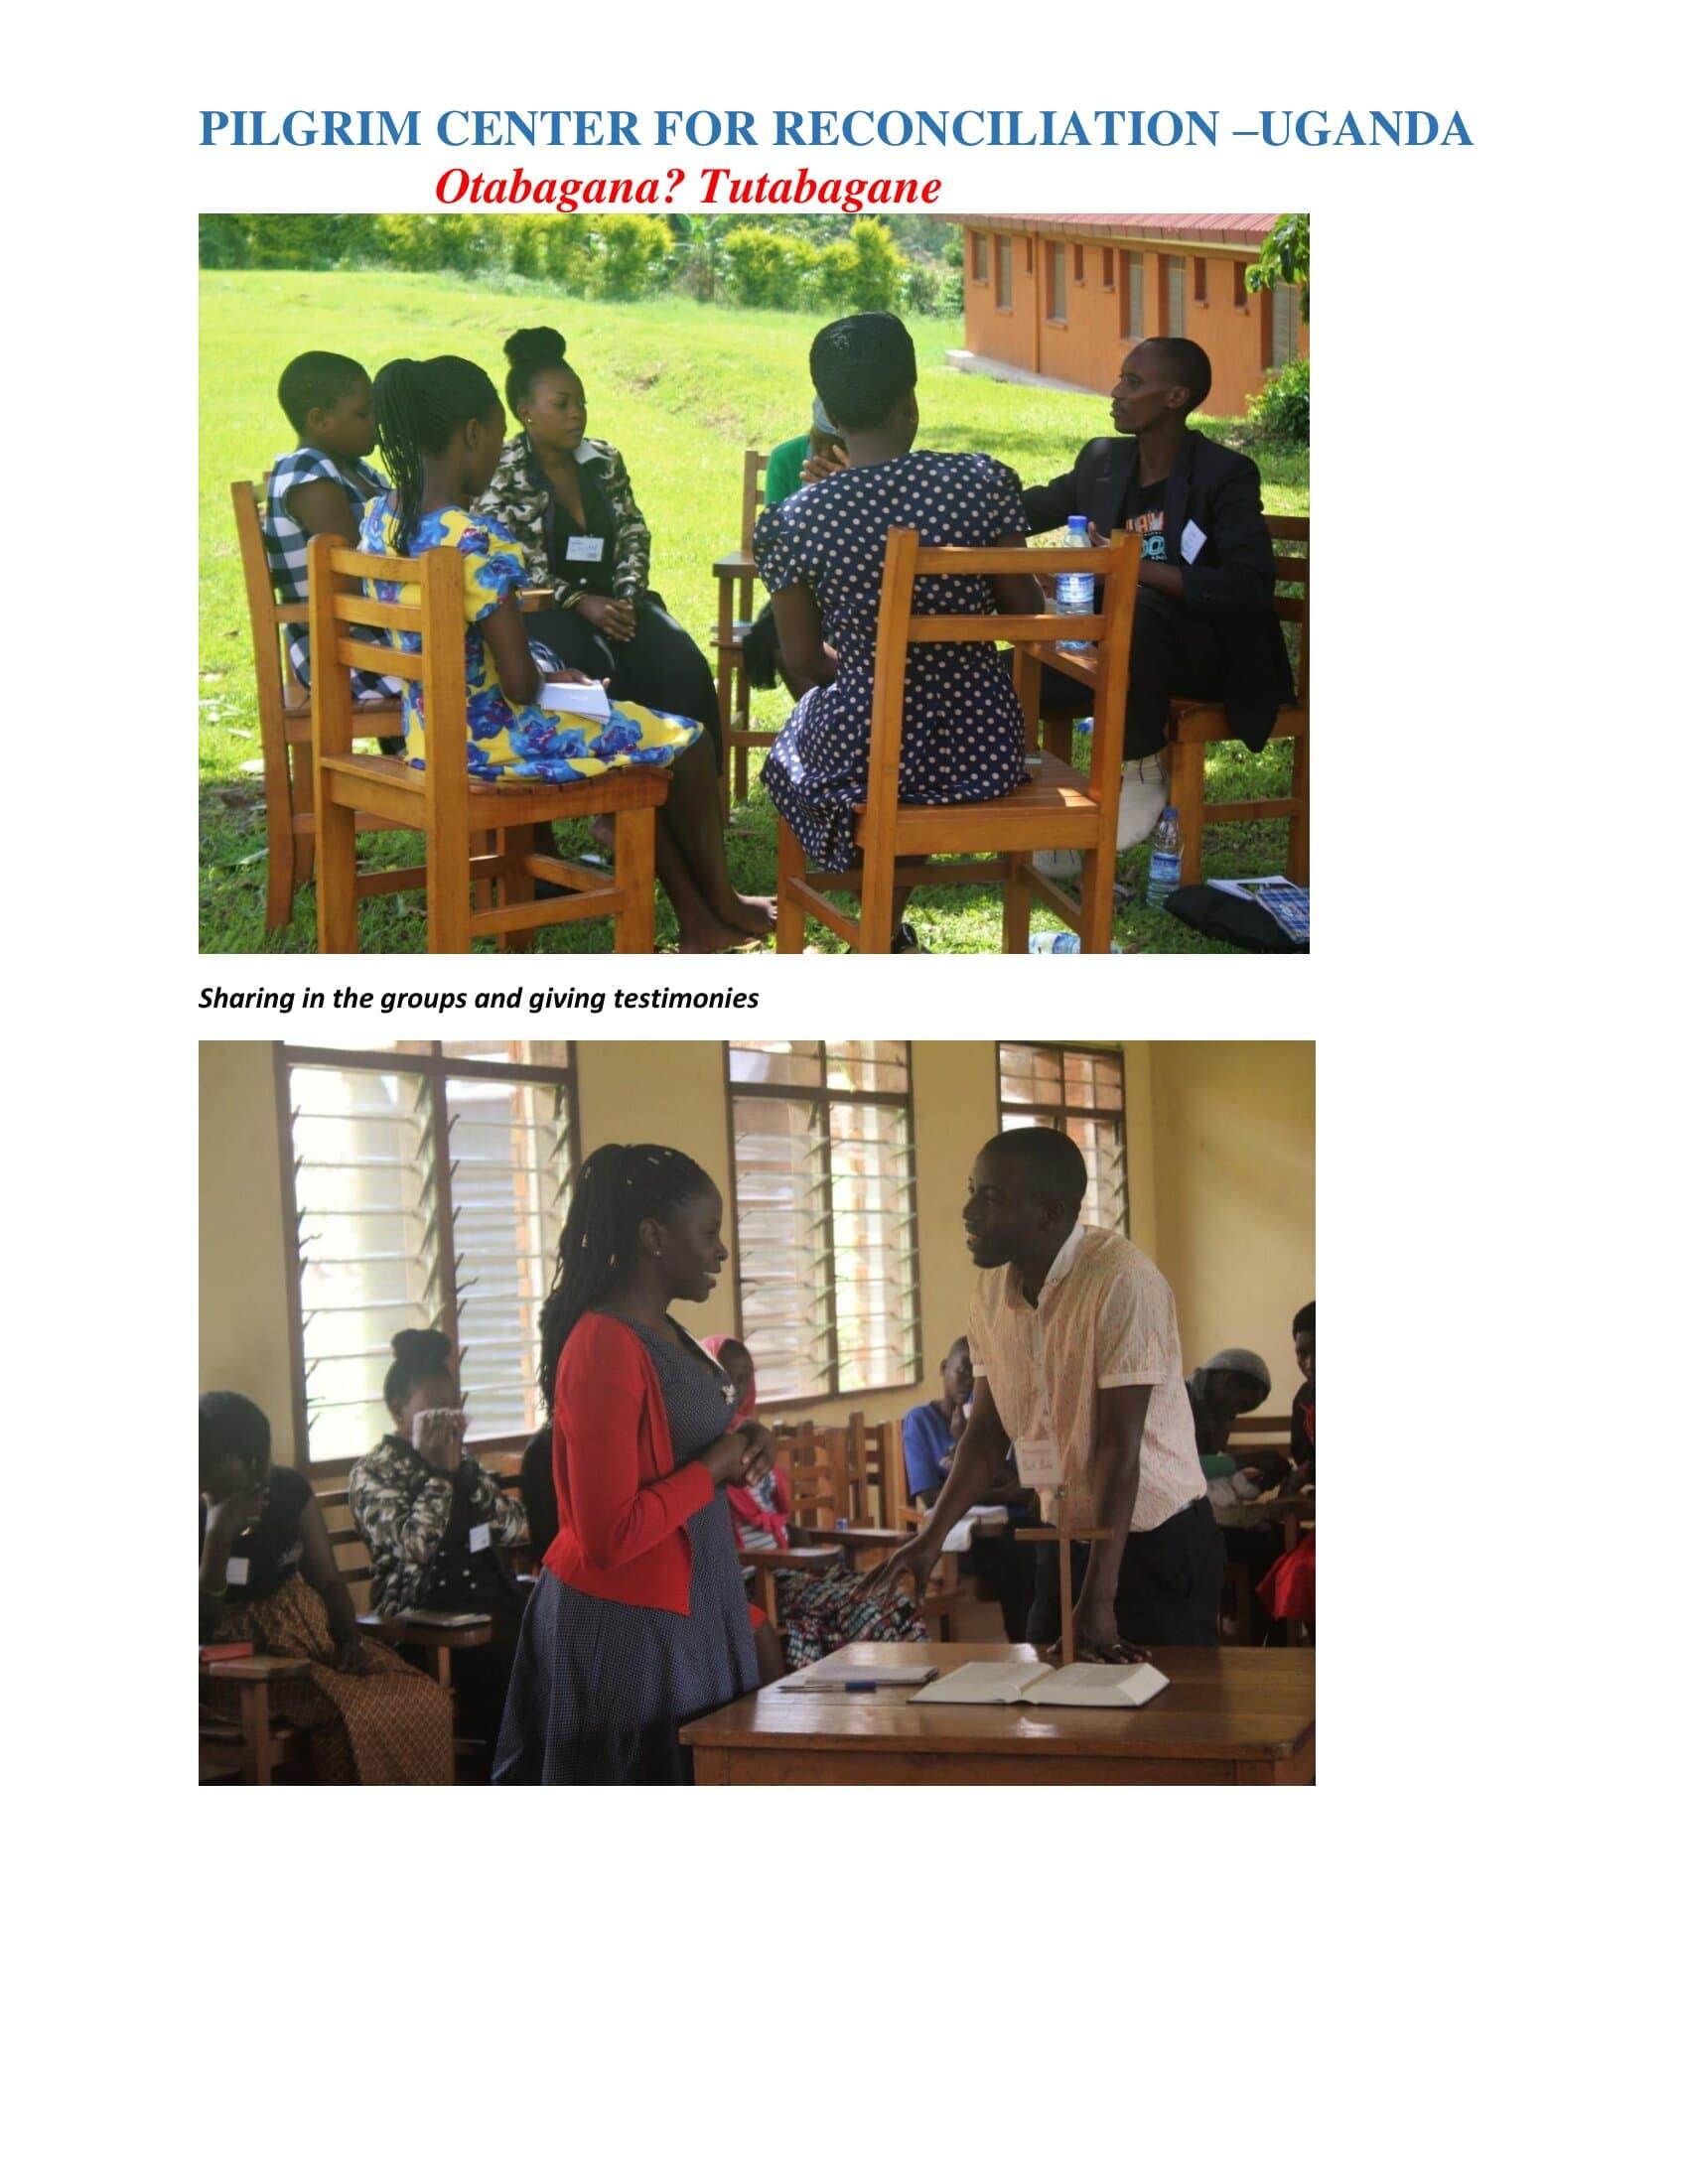 Pirigrim center for reconcilation -Uganda _0013-min